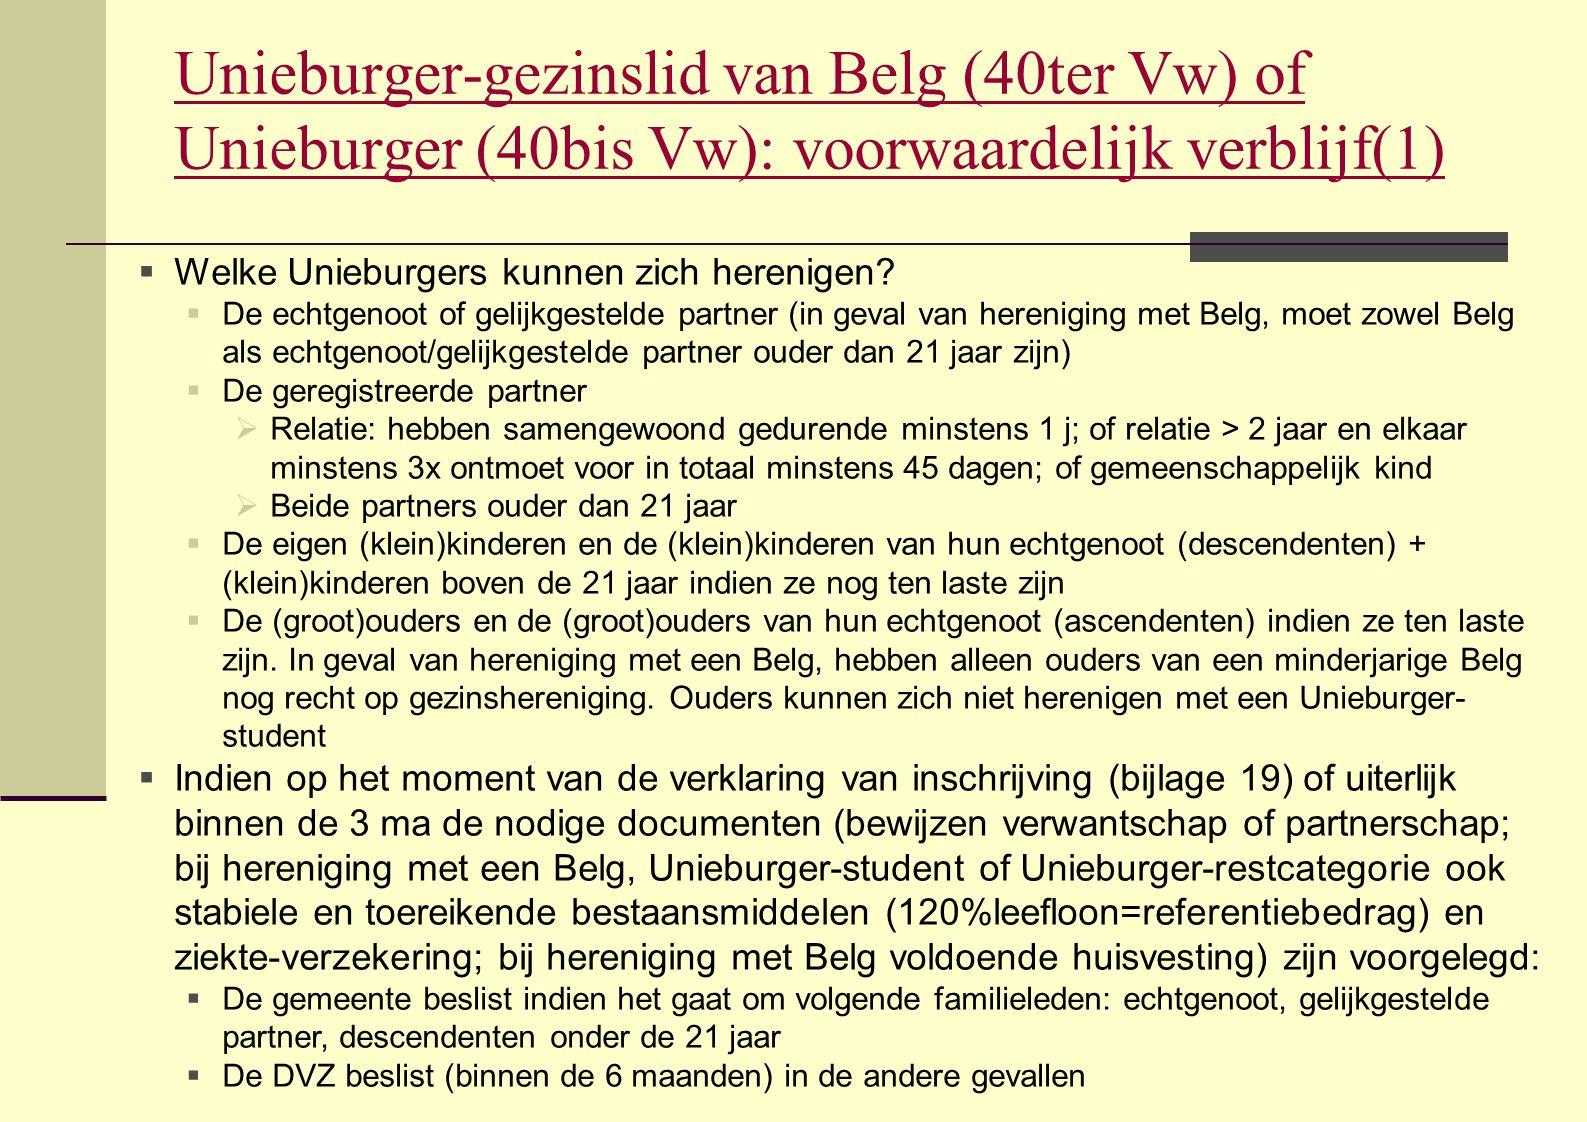 Unieburger-gezinslid van Belg (40ter Vw) of Unieburger (40bis Vw): voorwaardelijk verblijf(1)